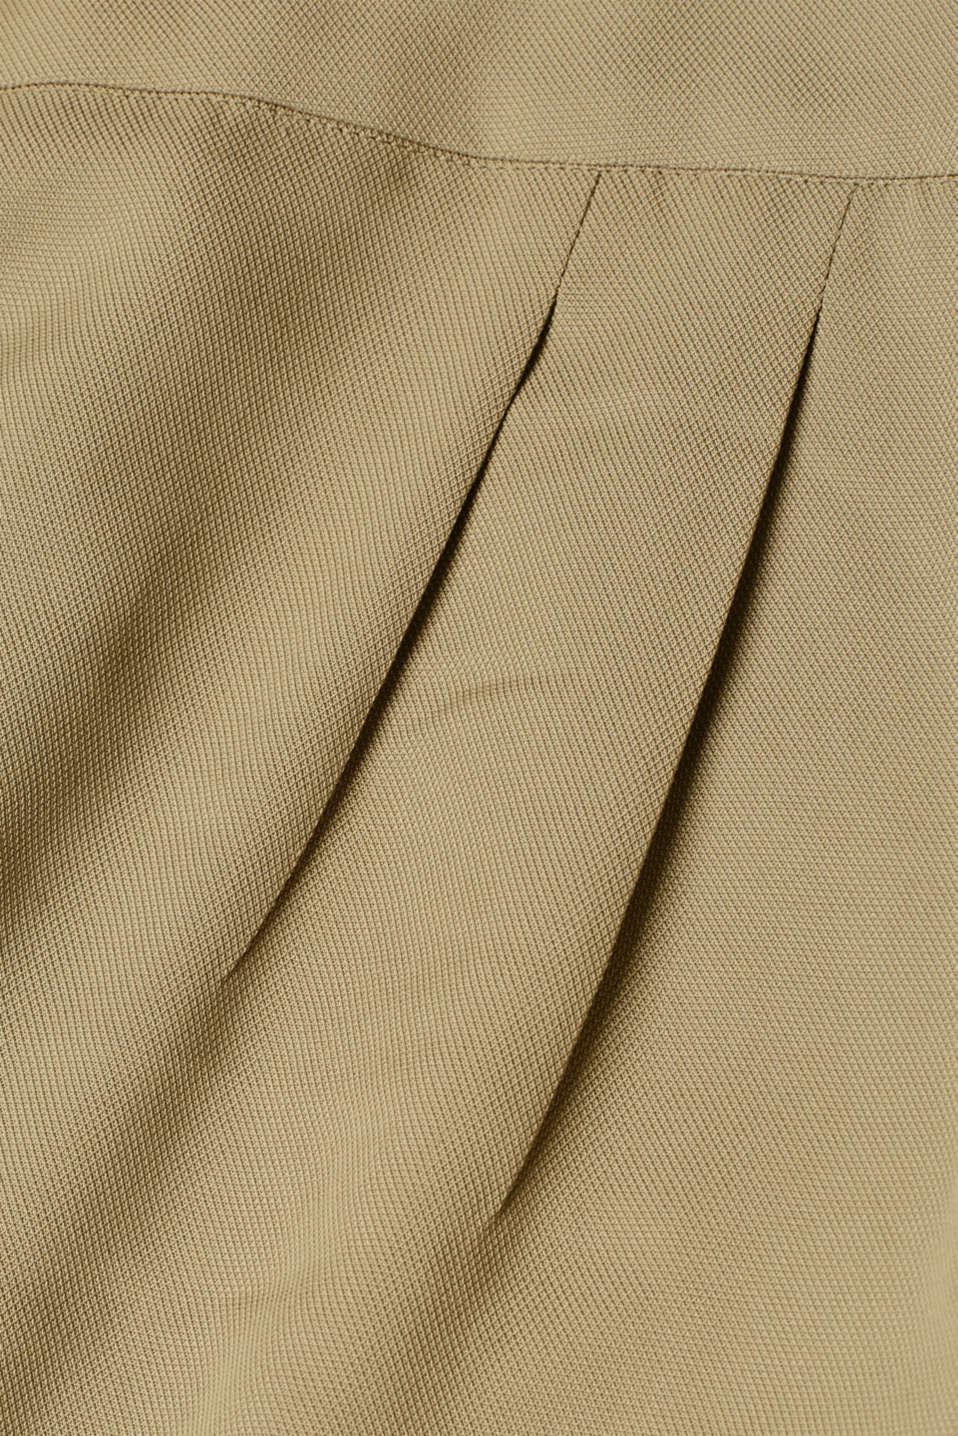 Shorts woven, LIGHT KHAKI, detail image number 4